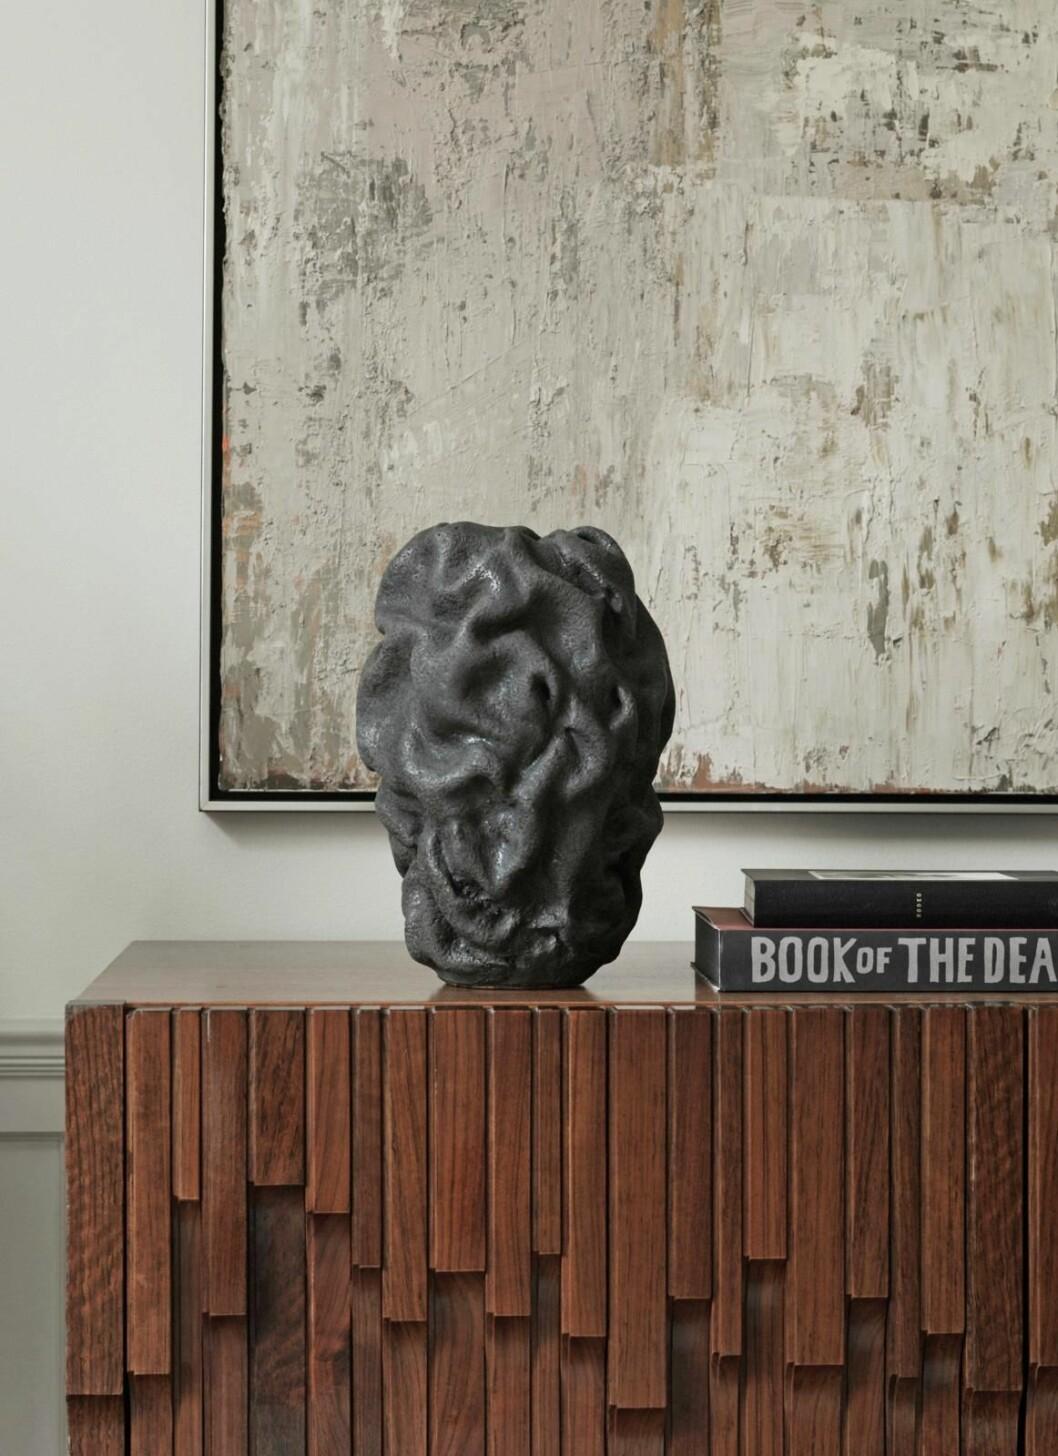 skulptur detalj Joanna laven